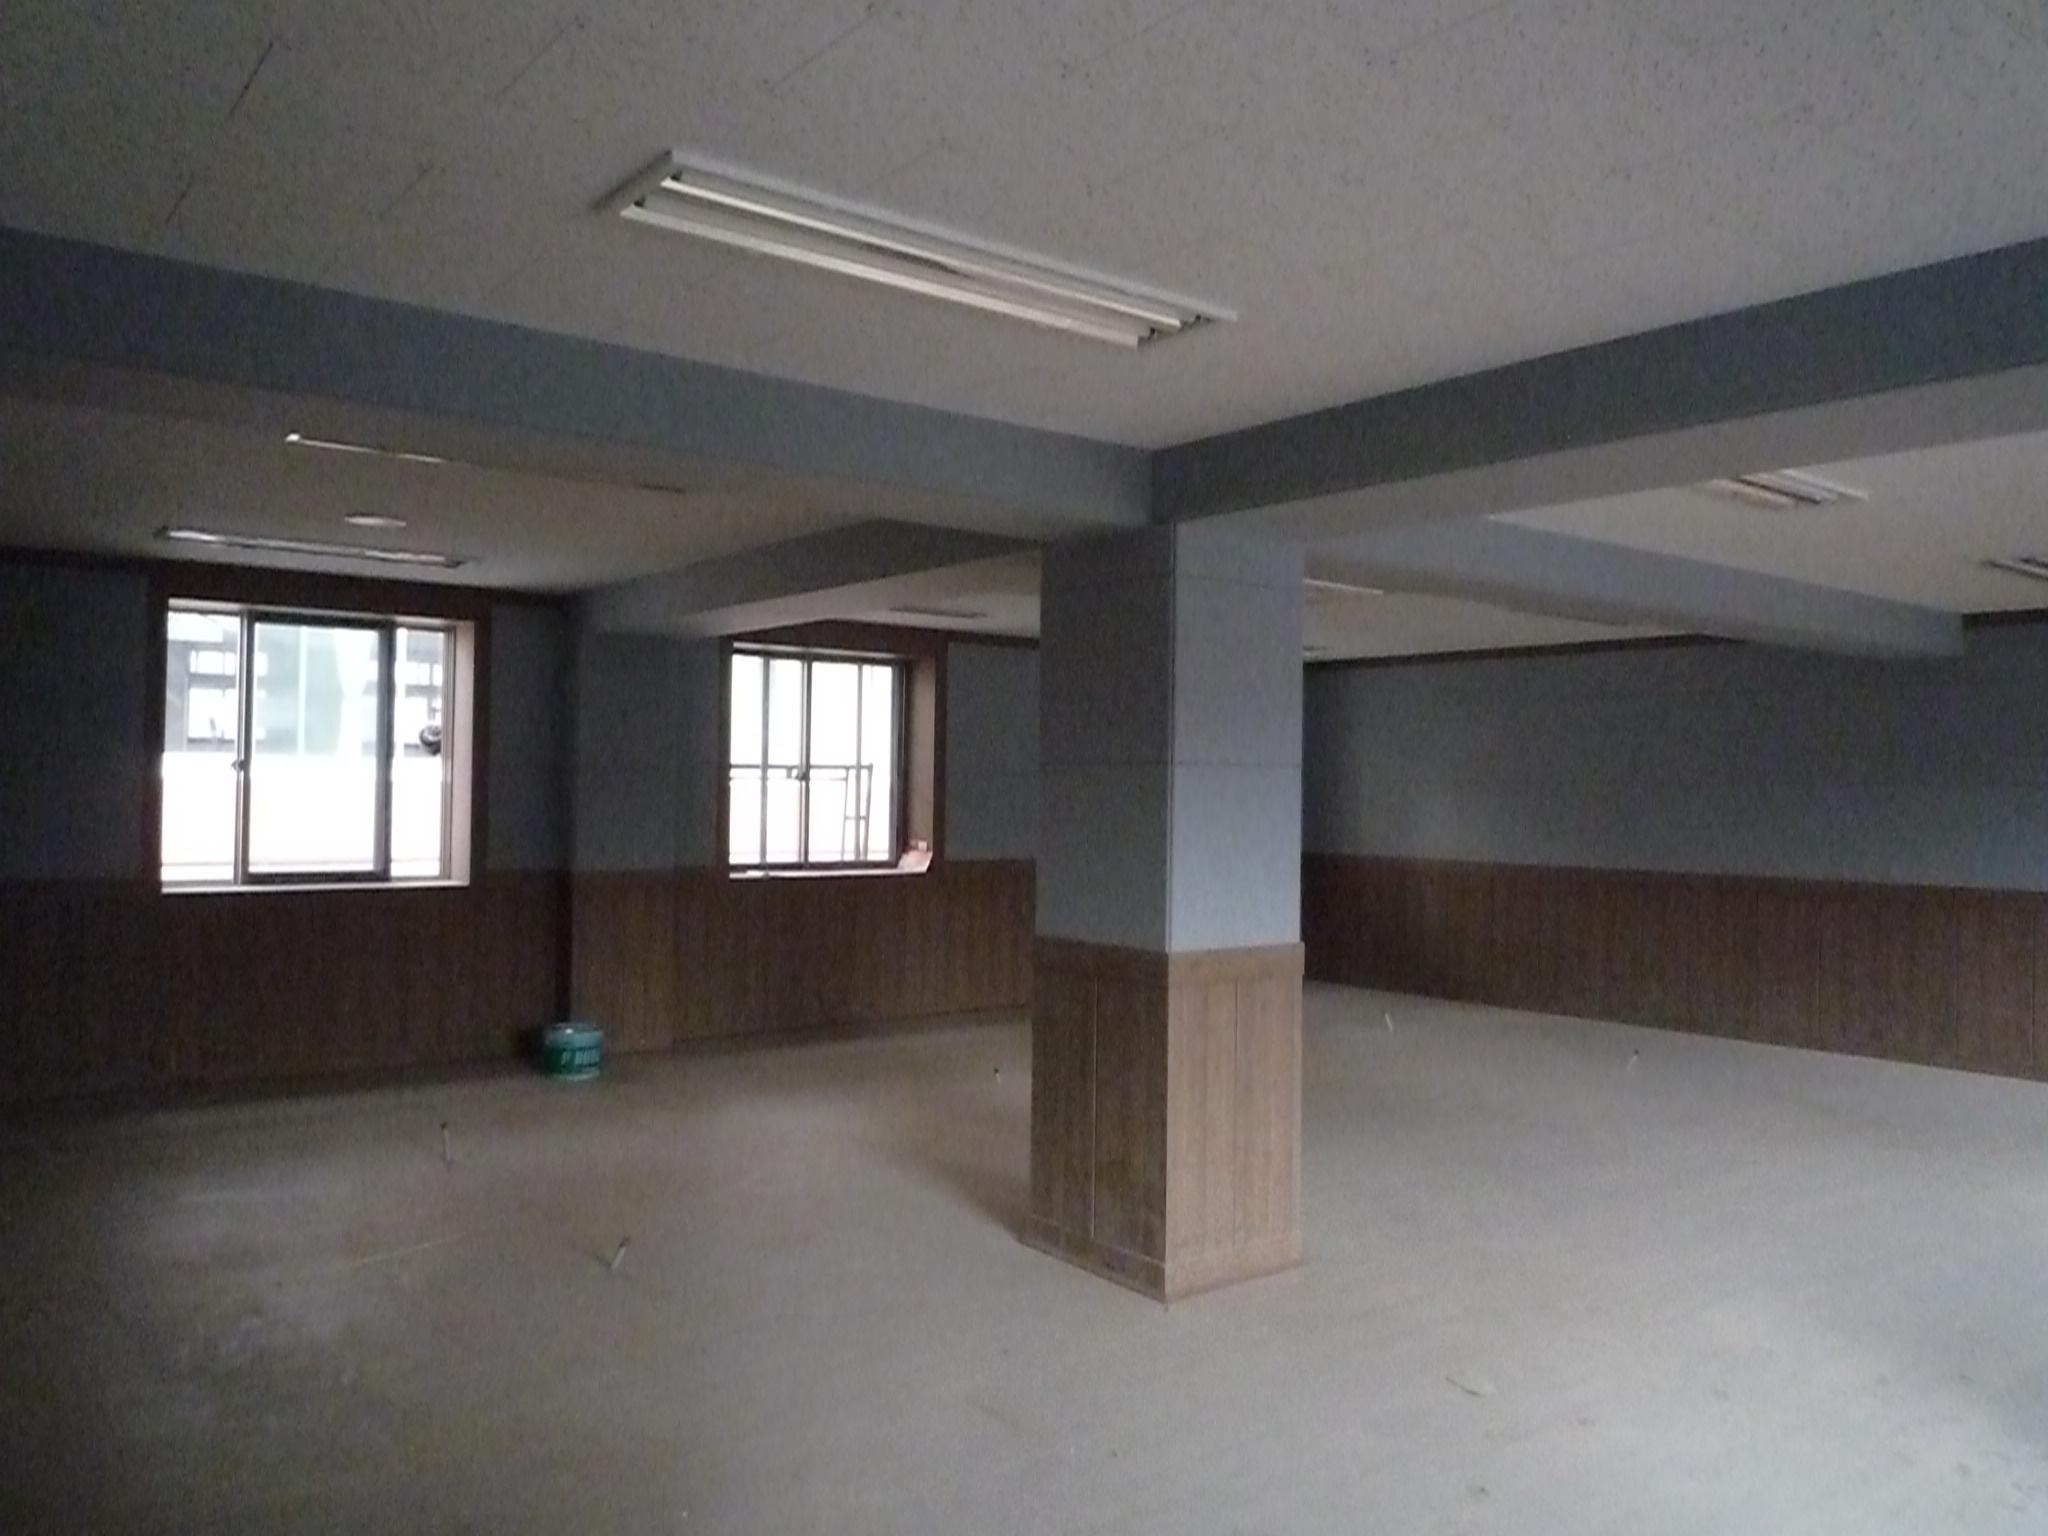 2008/12/16 새로 만드는 공부방 첨부이미지